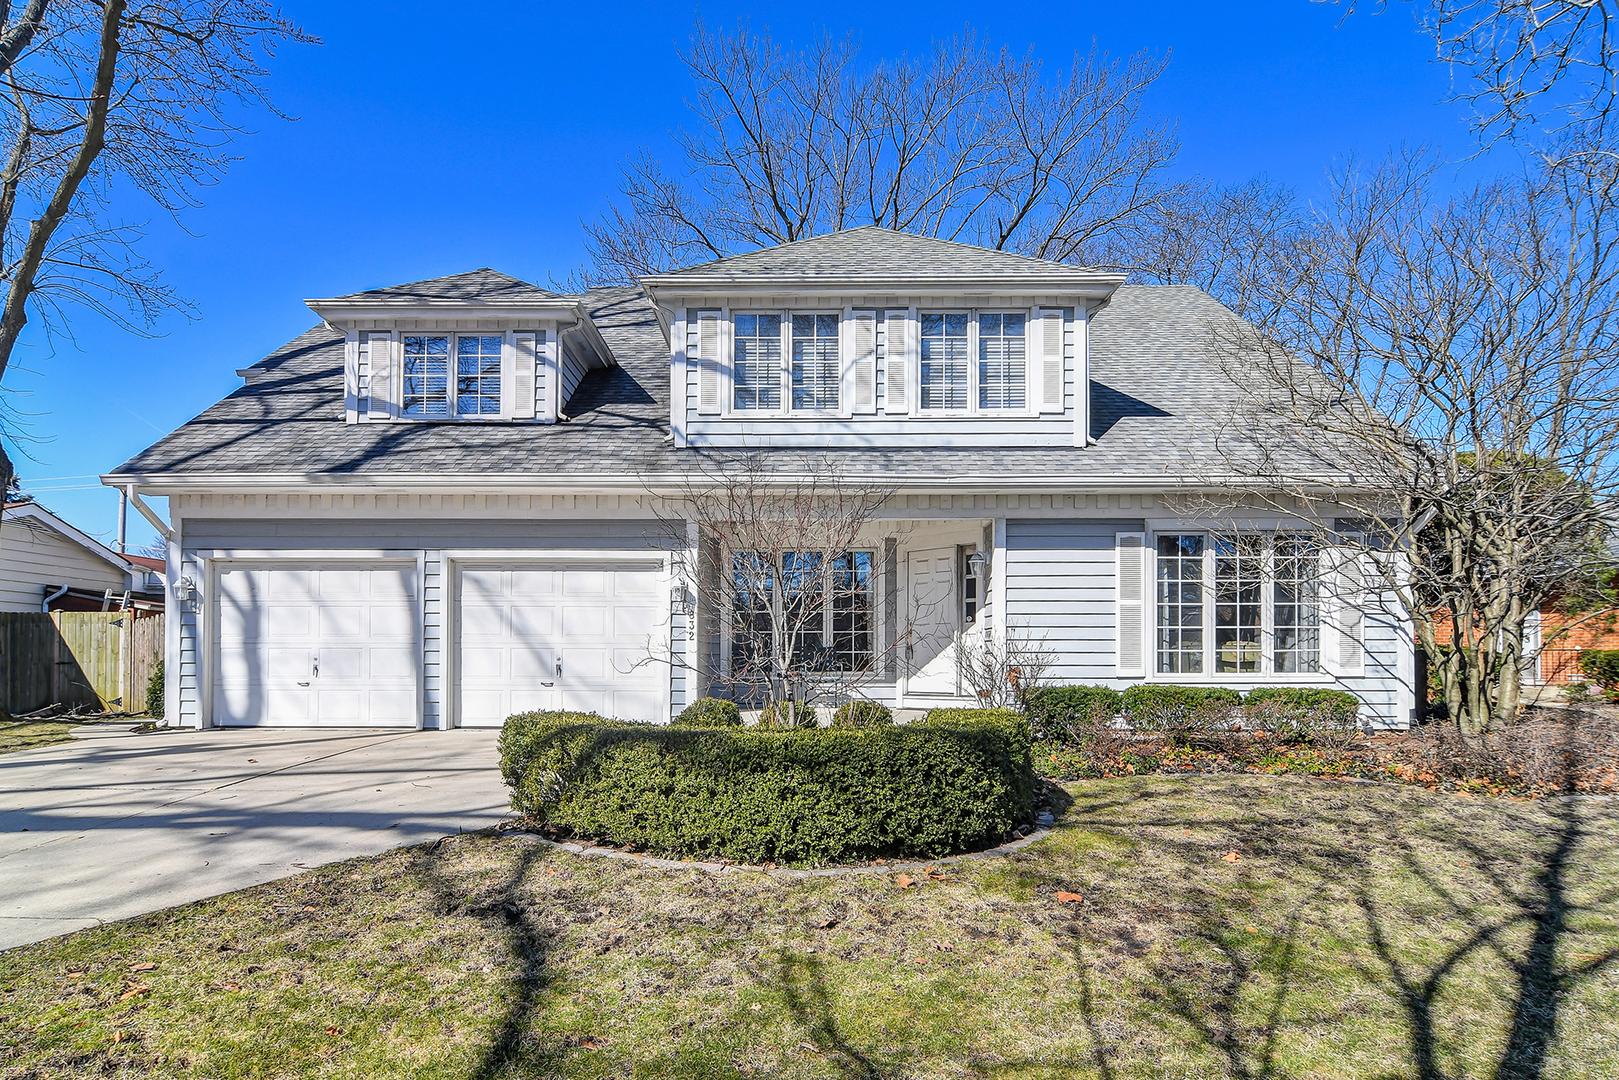 832 South Stough Street, Hinsdale, Illinois 60521